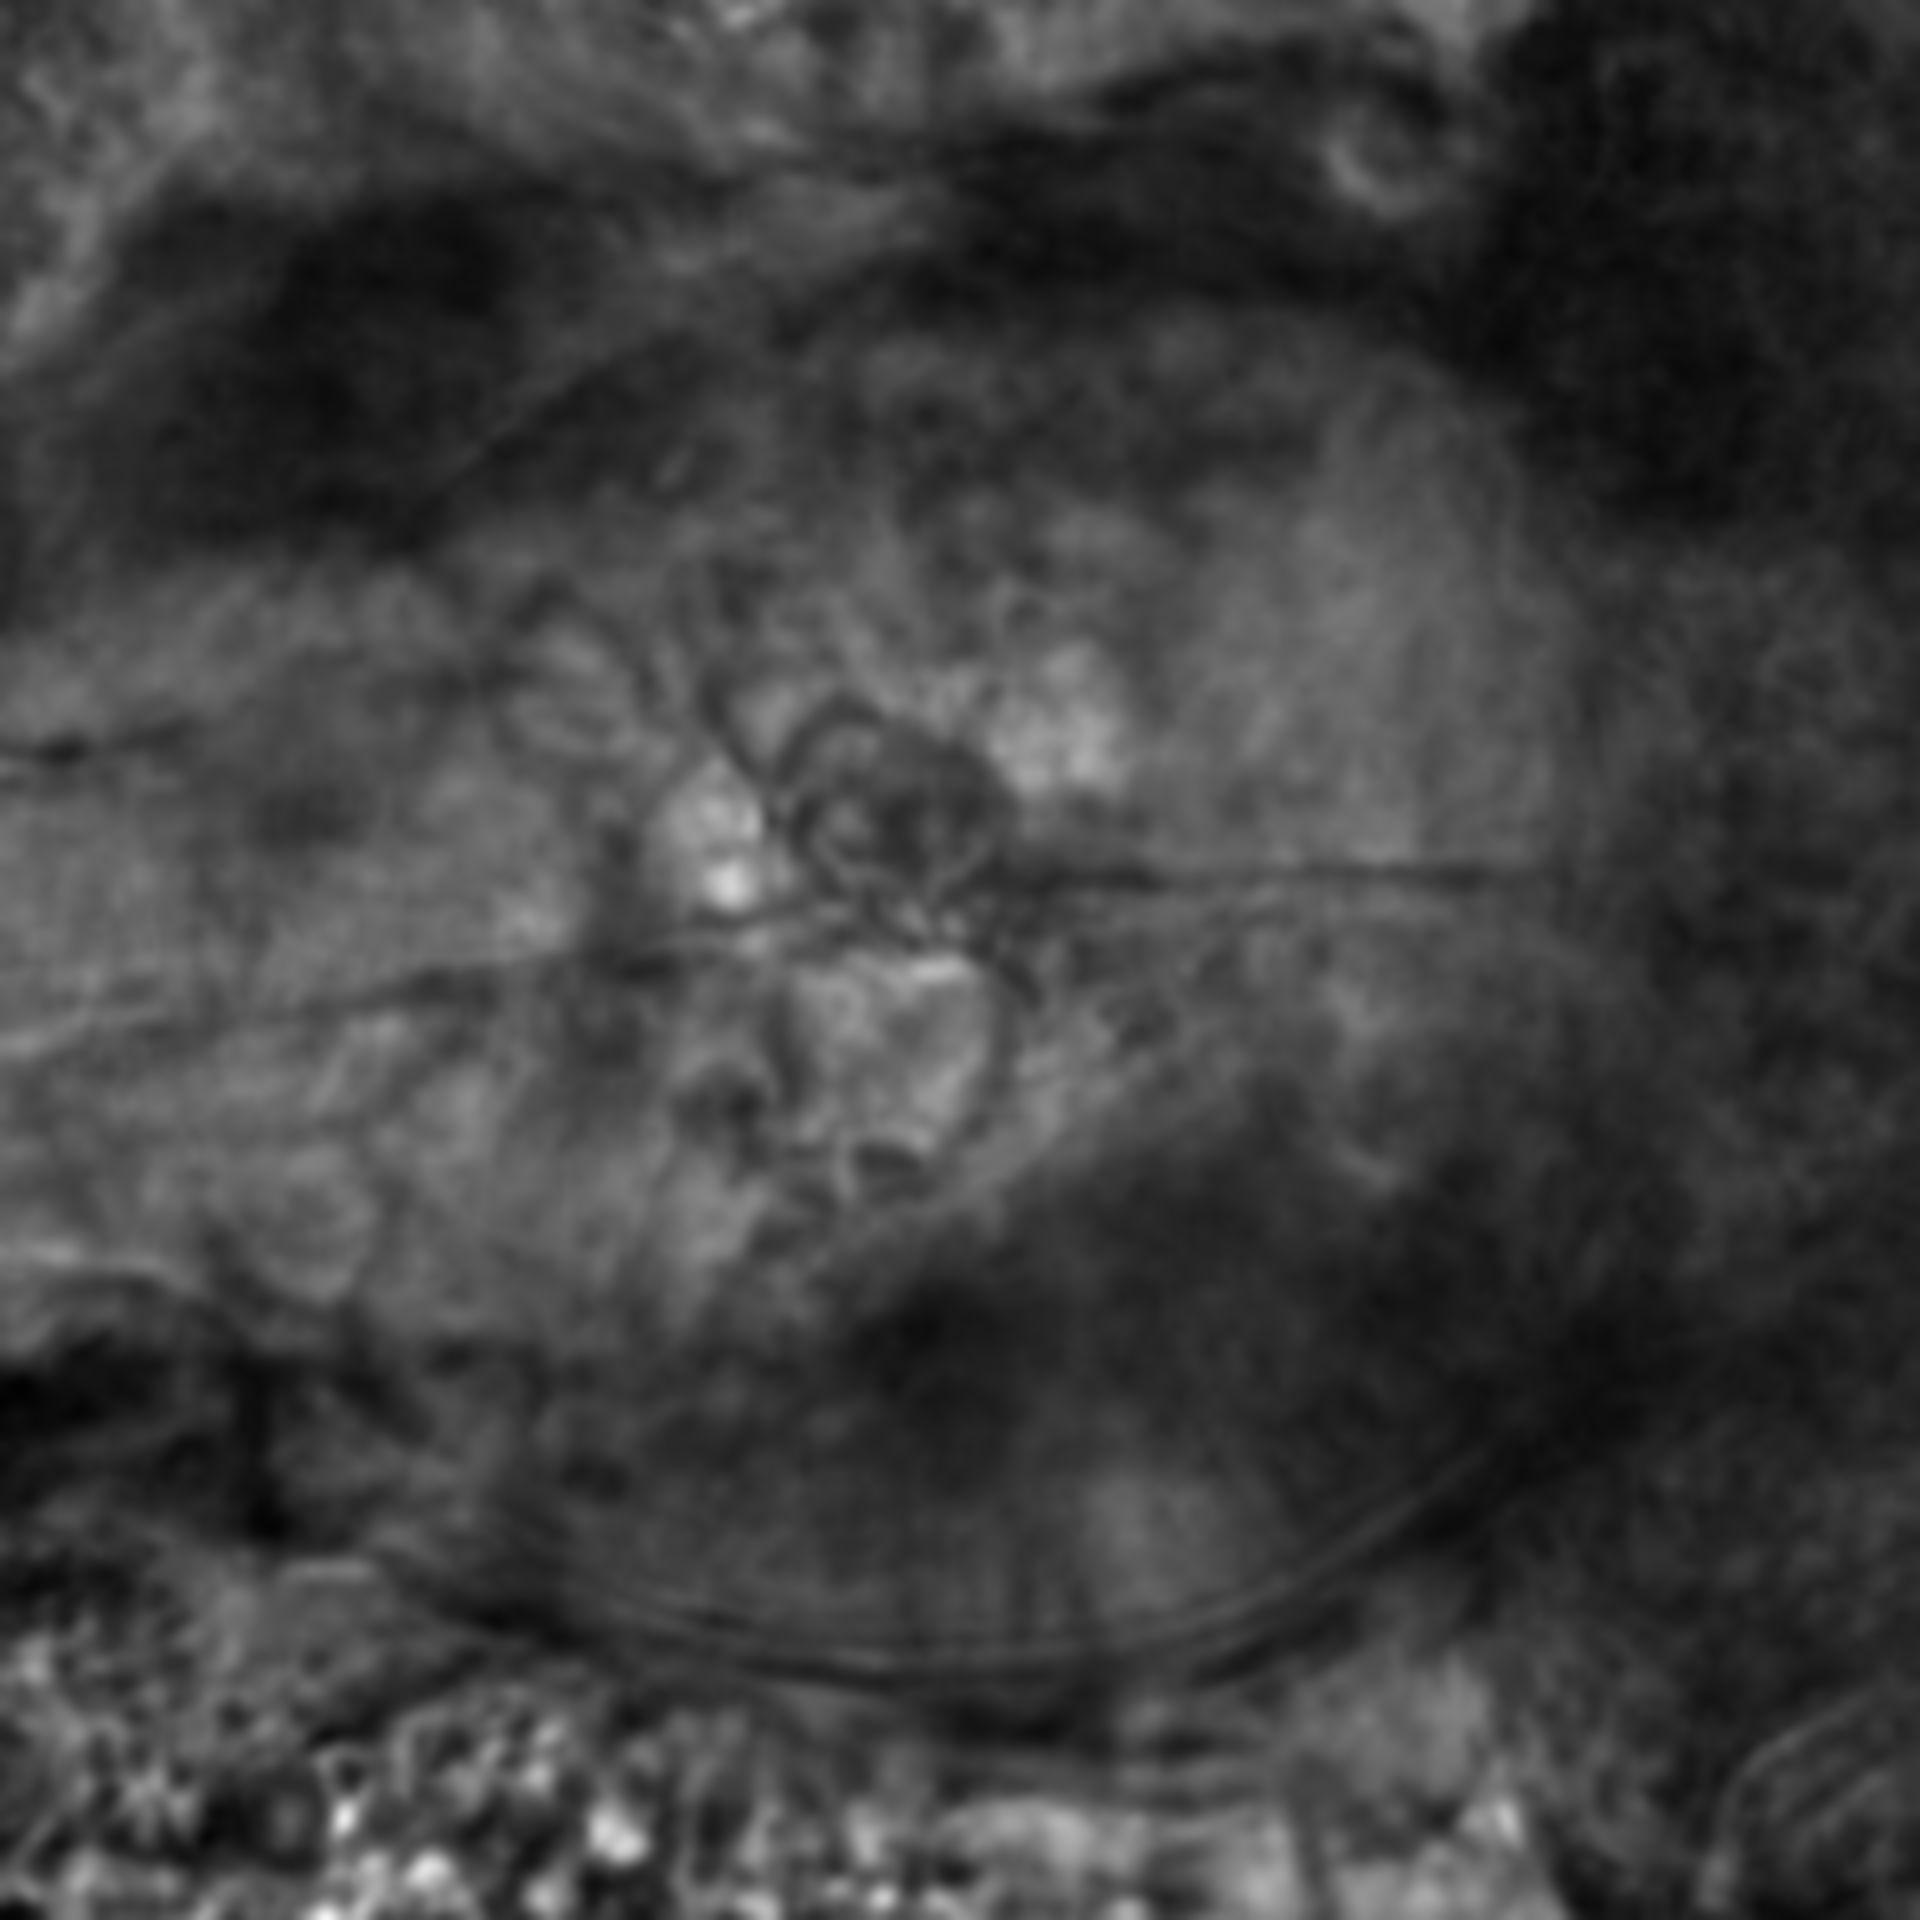 Caenorhabditis elegans - CIL:2722